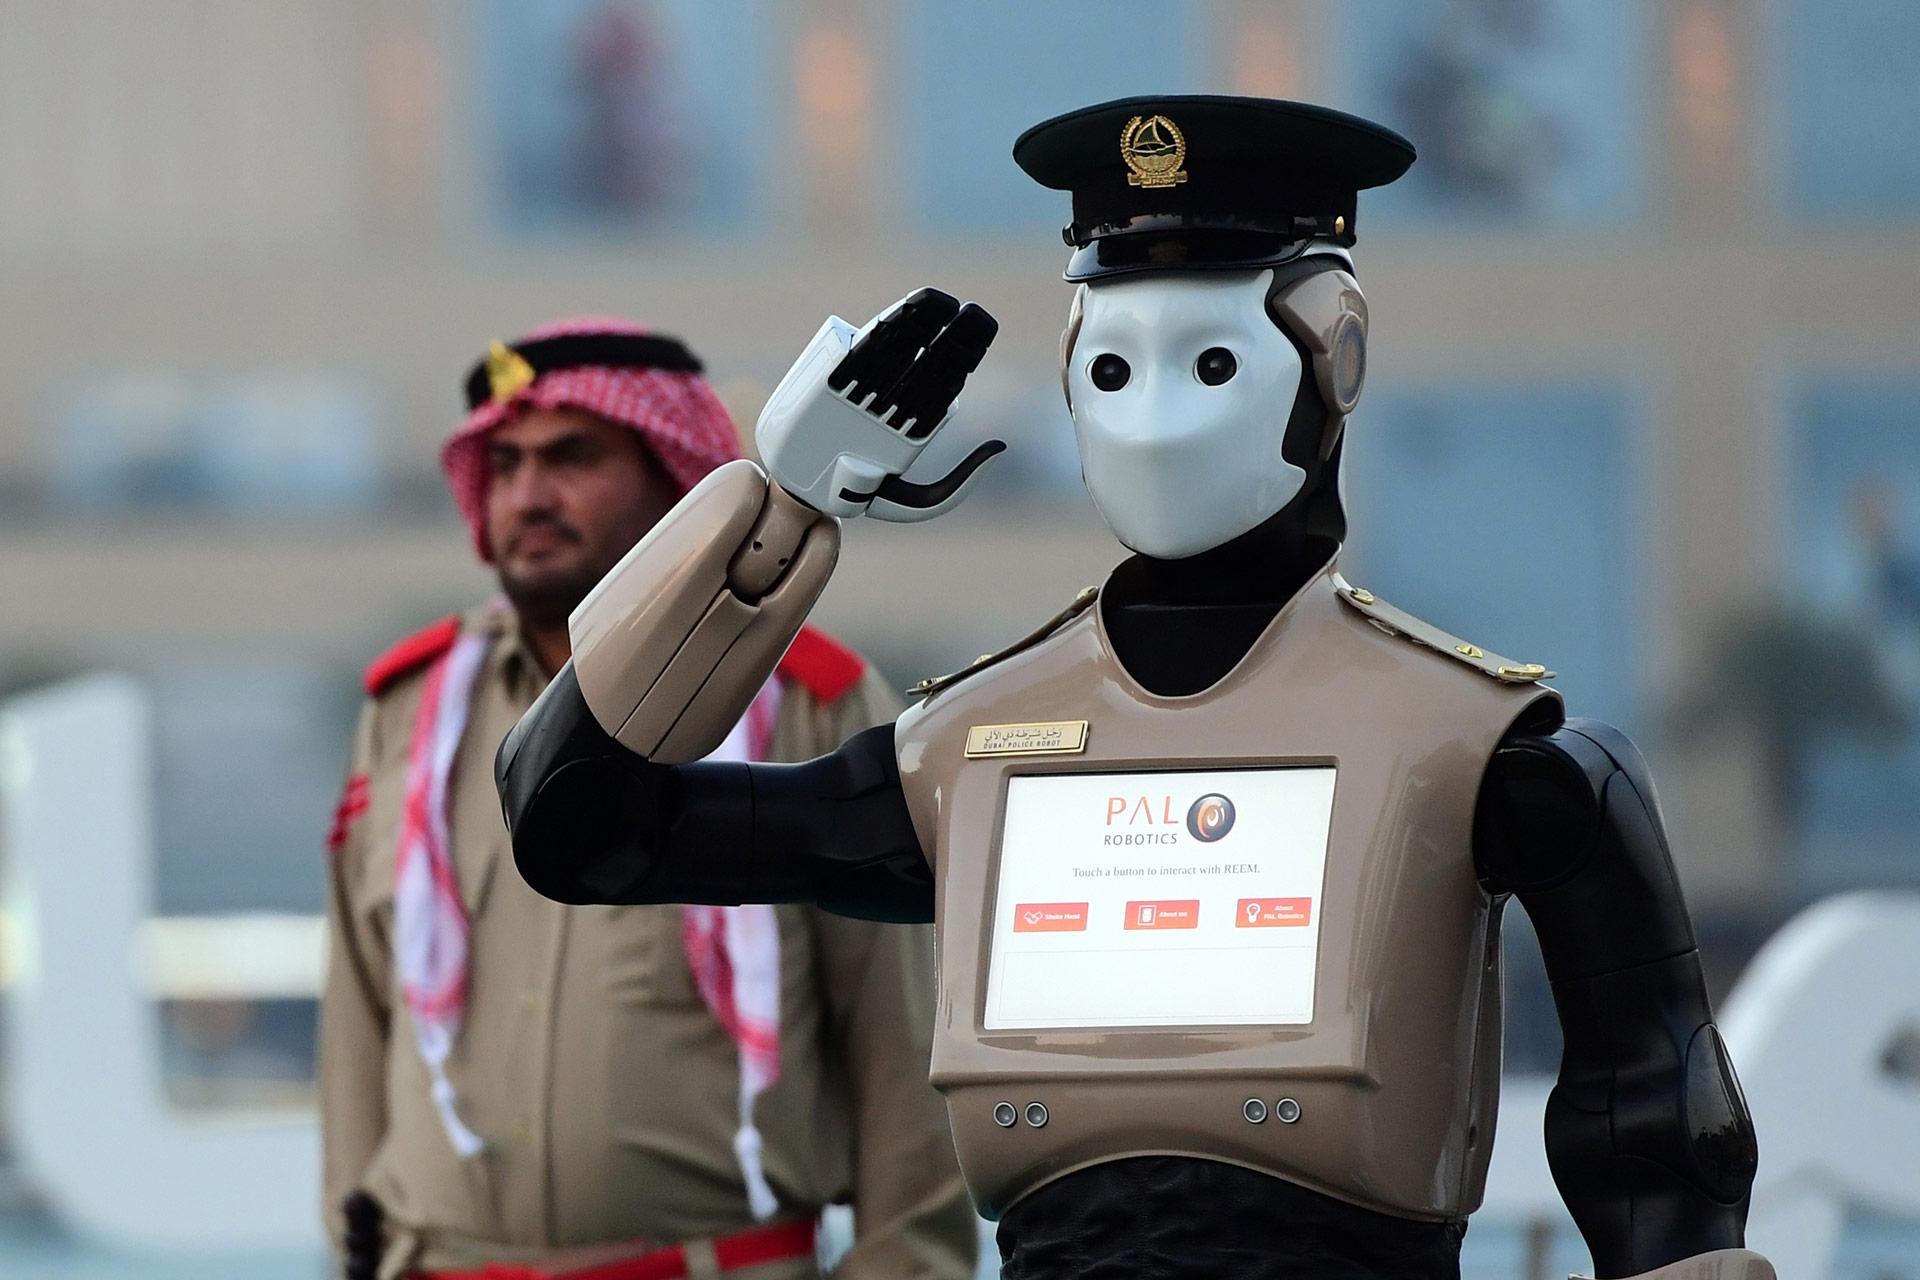 También es capaz de identificar a personas buscadas por las fuerzas de seguridad